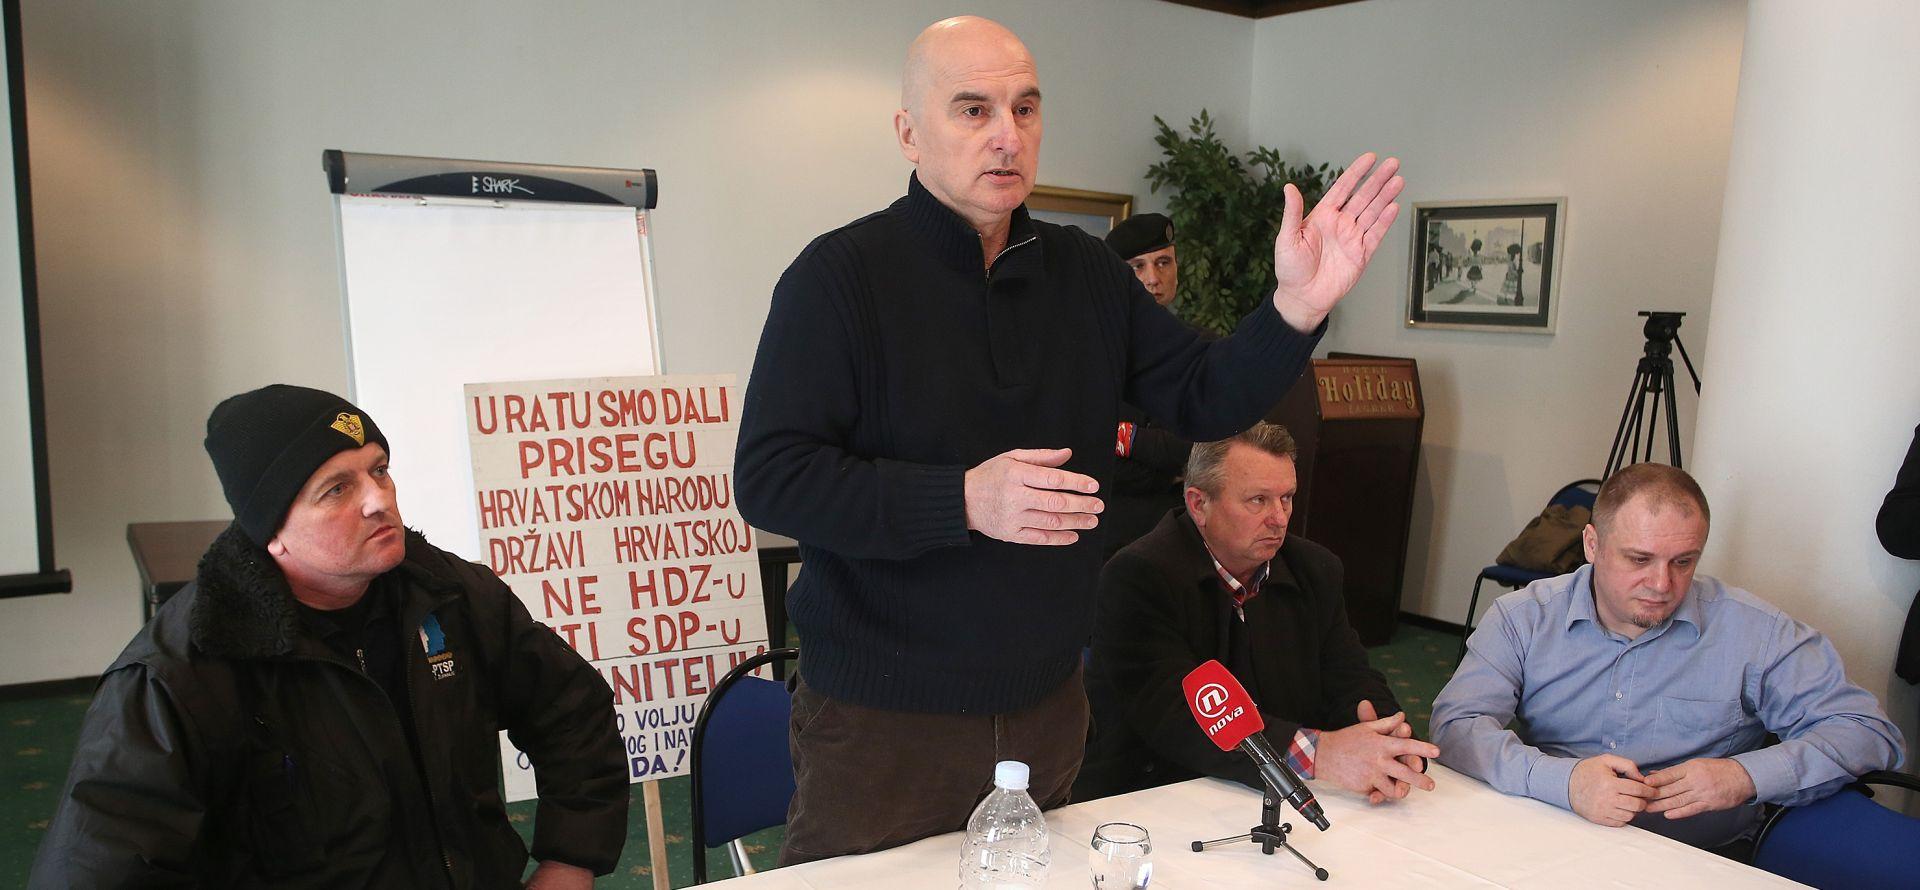 ODGOVOR NA OPTUŽBE: Zoran Erceg namjerava tužiti Milijana Brkića, poziva ga da javno objavi svoj diplomski rad